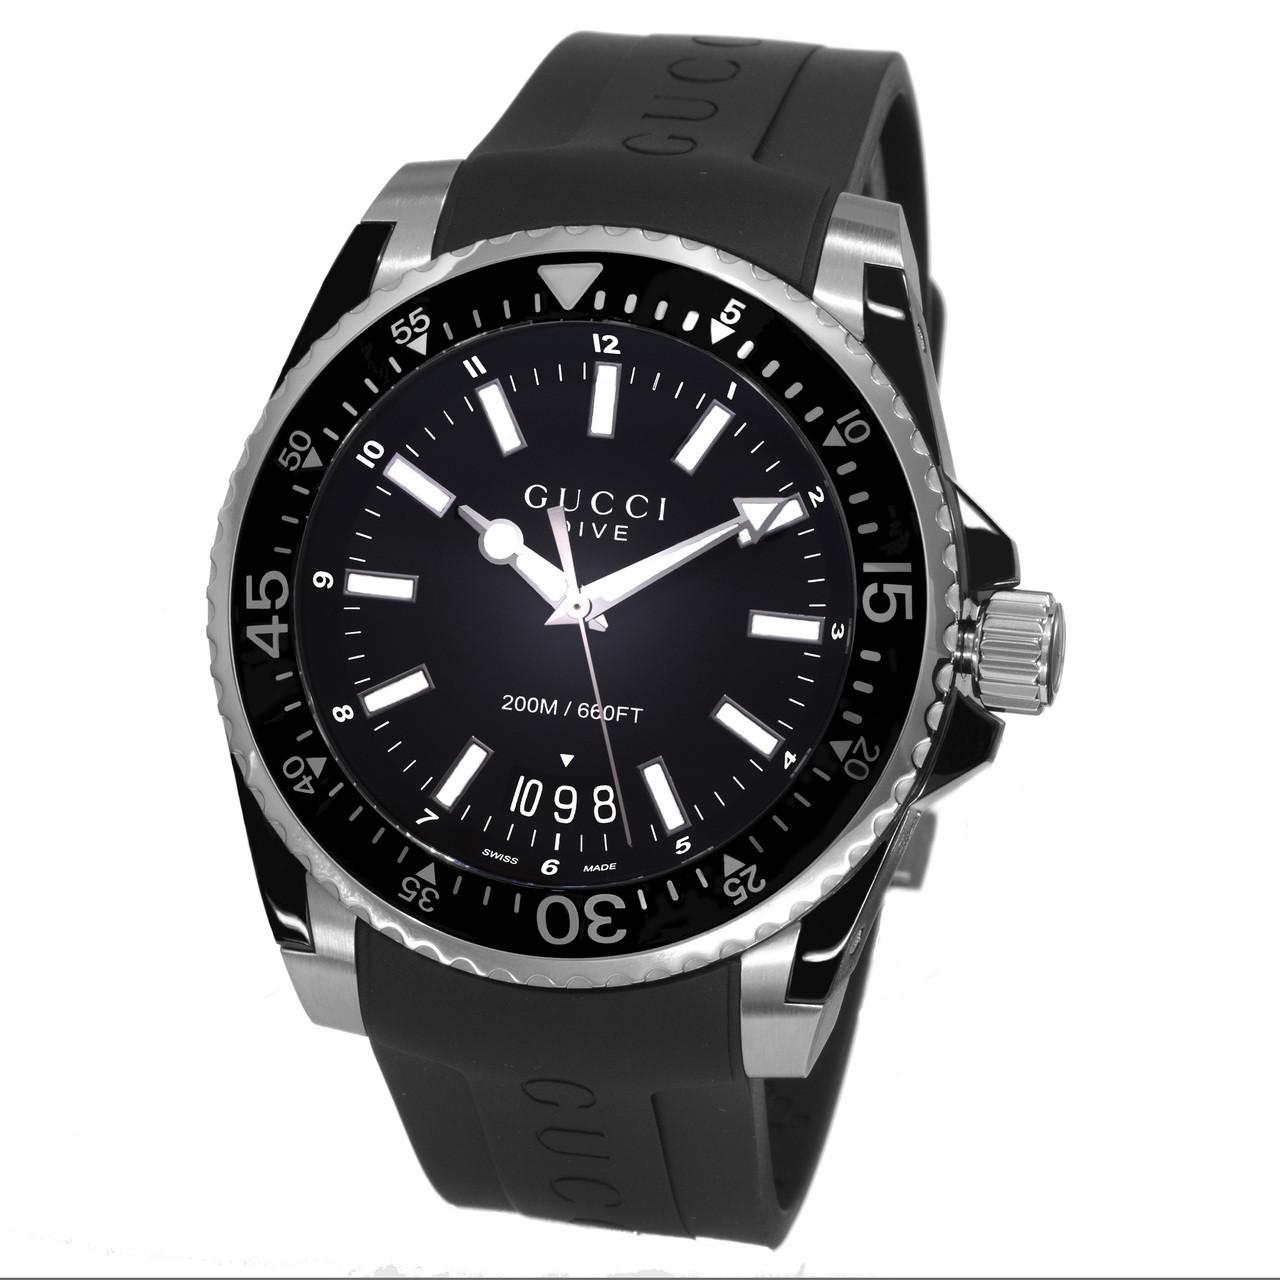 17d36389d1a Home · Men s Watches  Gucci Men s YA136204  Dive  Black Dial Black Rubber  Strap Swiss Quartz Watch. Image 1